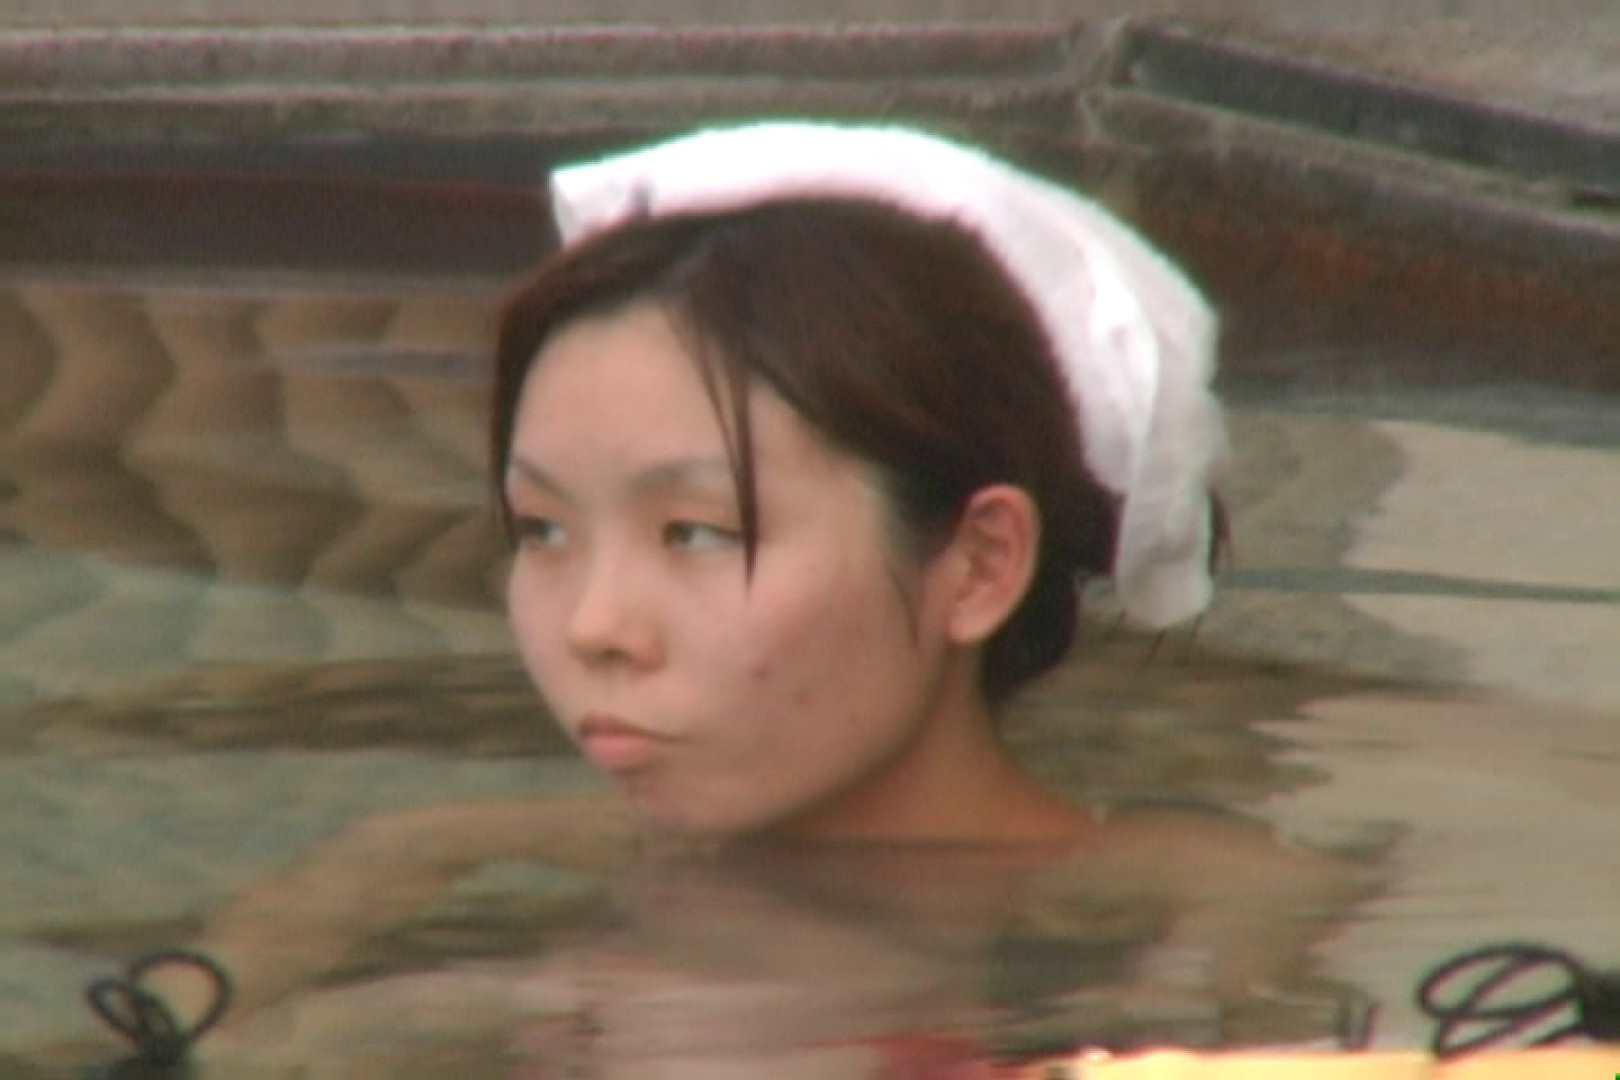 Aquaな露天風呂Vol.580 0   0  103pic 87